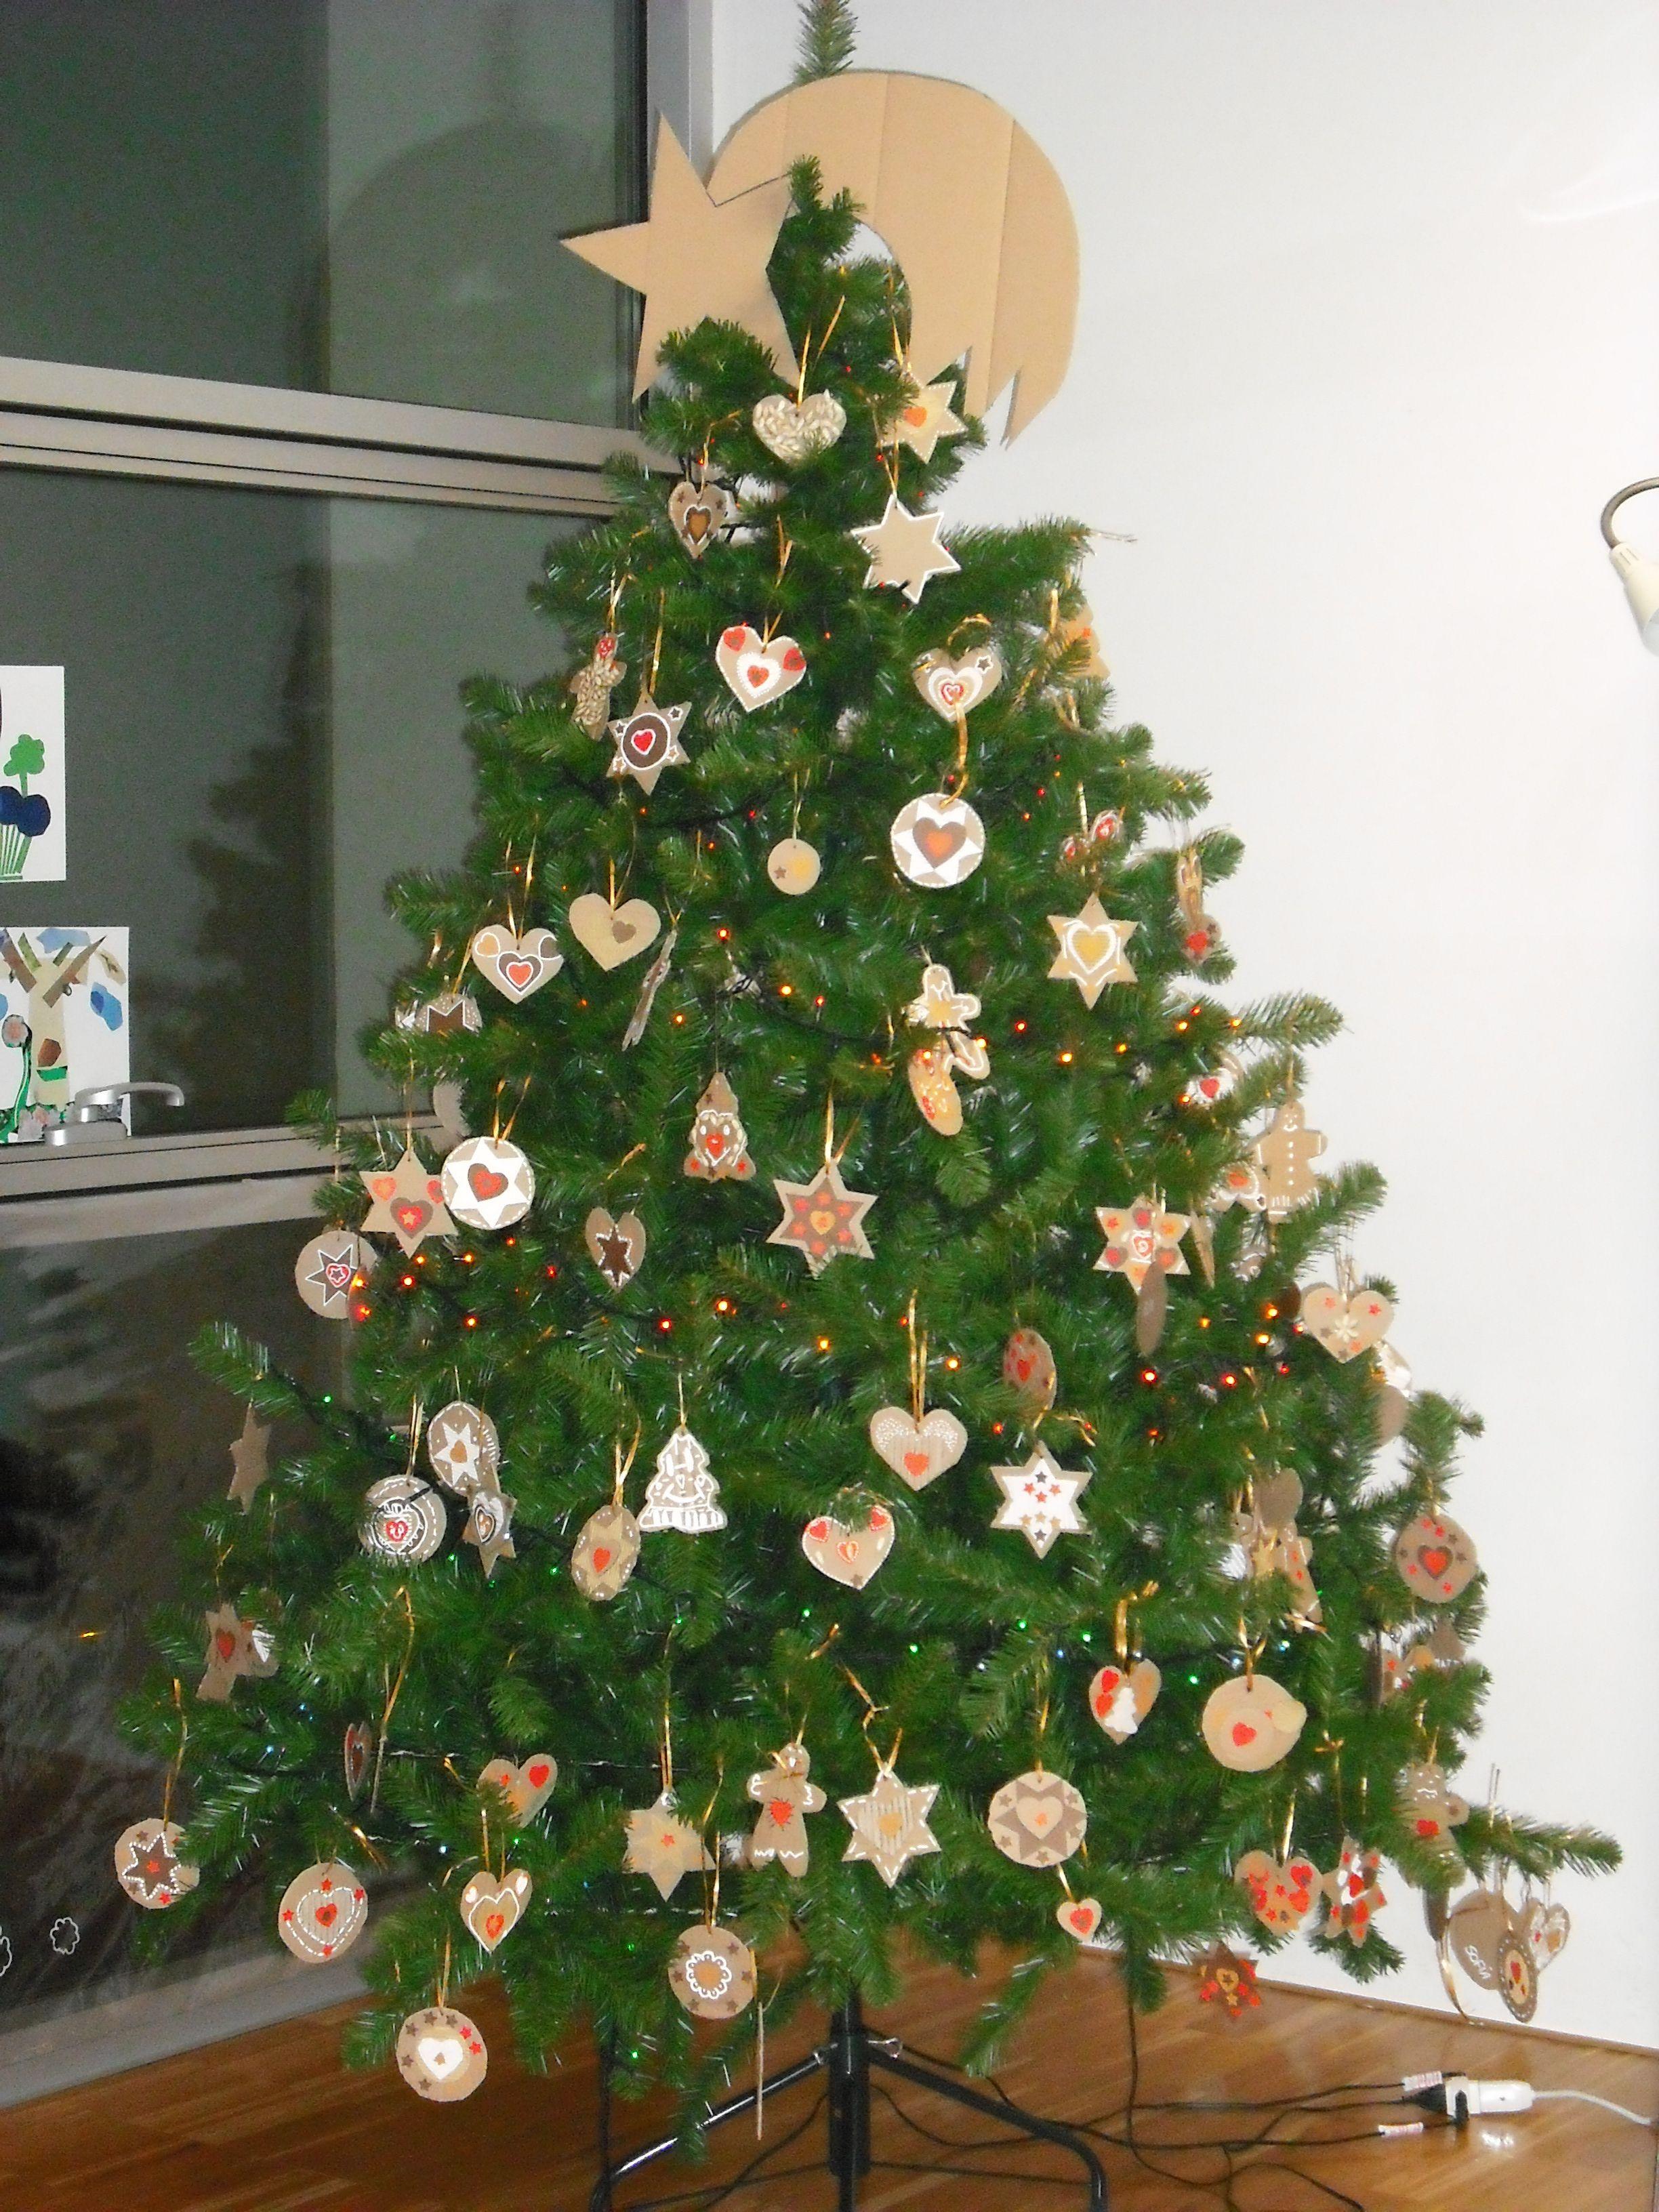 Albero Di Natale Con Biscotti.Biscotti Di Cartone Per L Albero Di Natale Della Biblioteca Alberi Di Natale Decorazioni Di Natale Natale